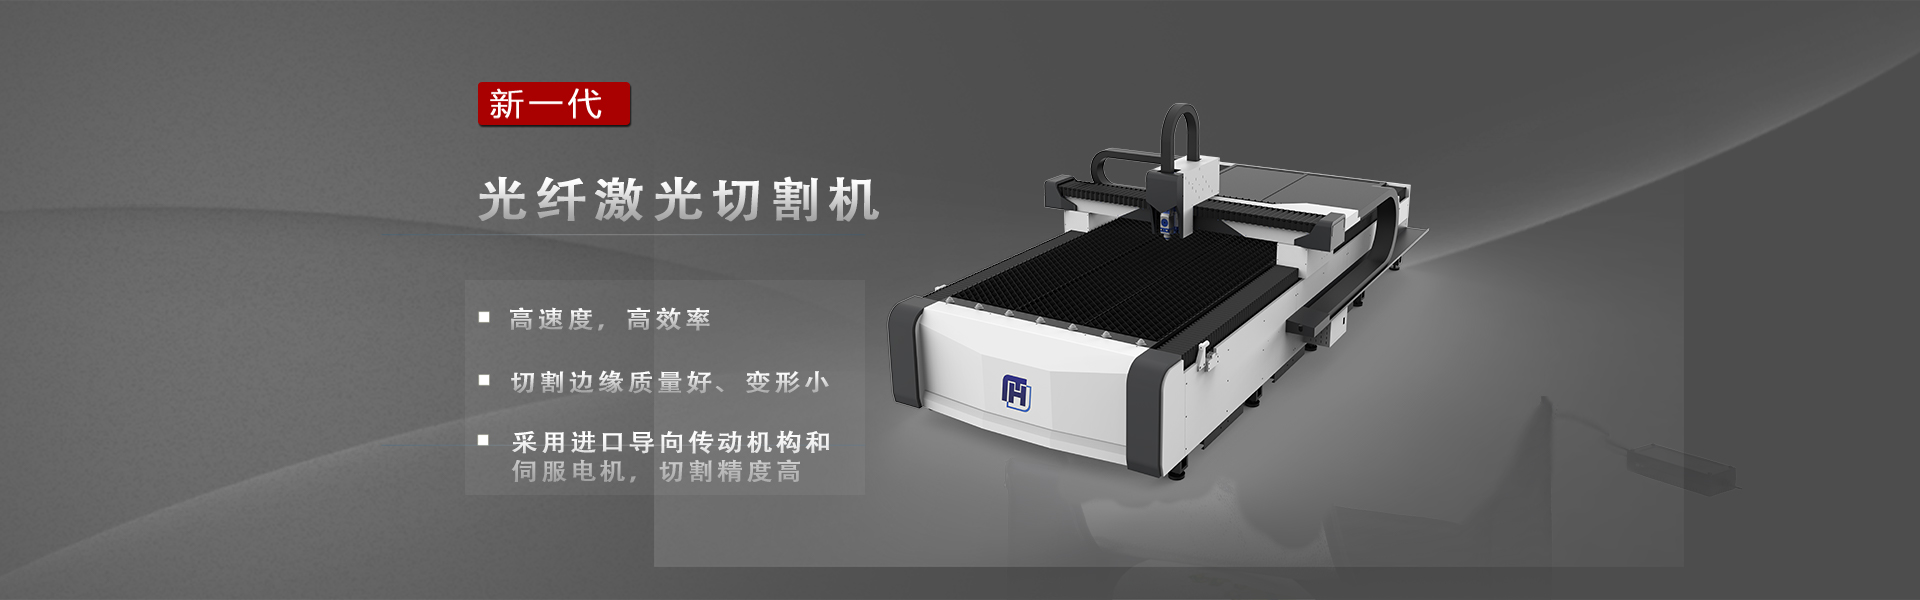 平博app焊接机厂家